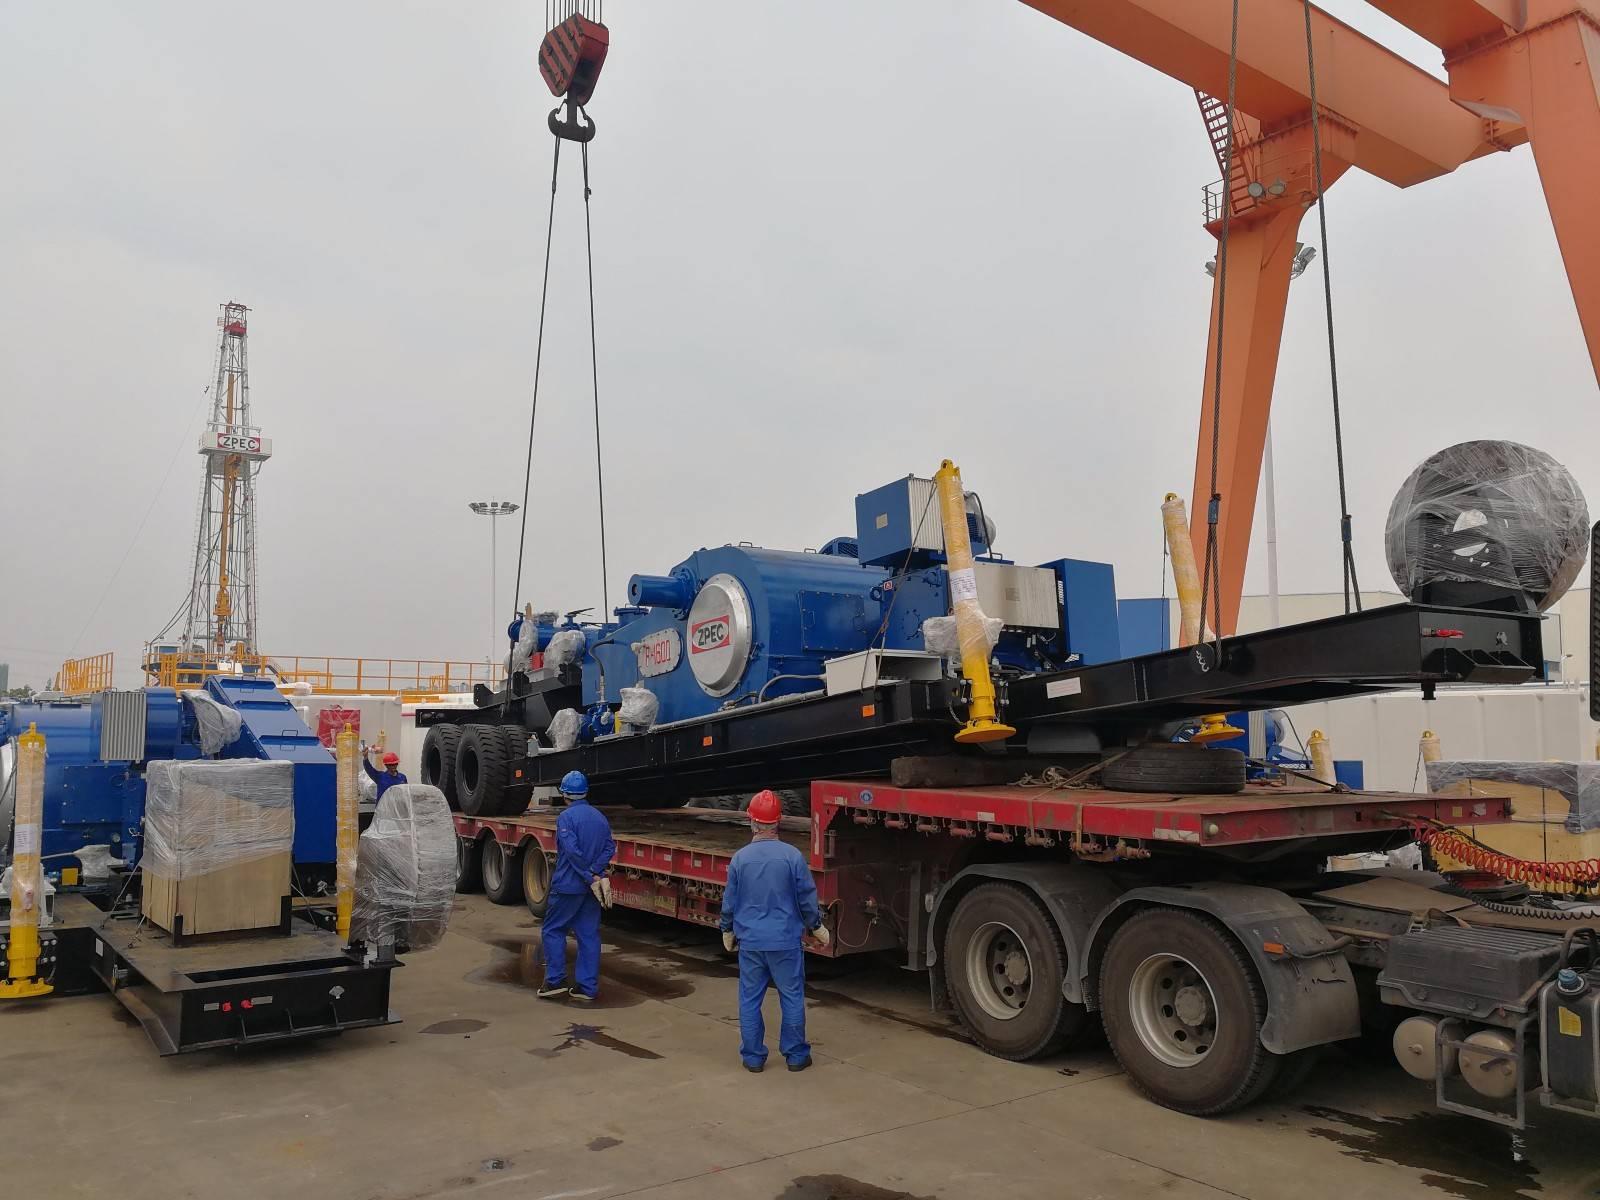 中曼装备集团沙特项目2台40拖挂钻机完成发运